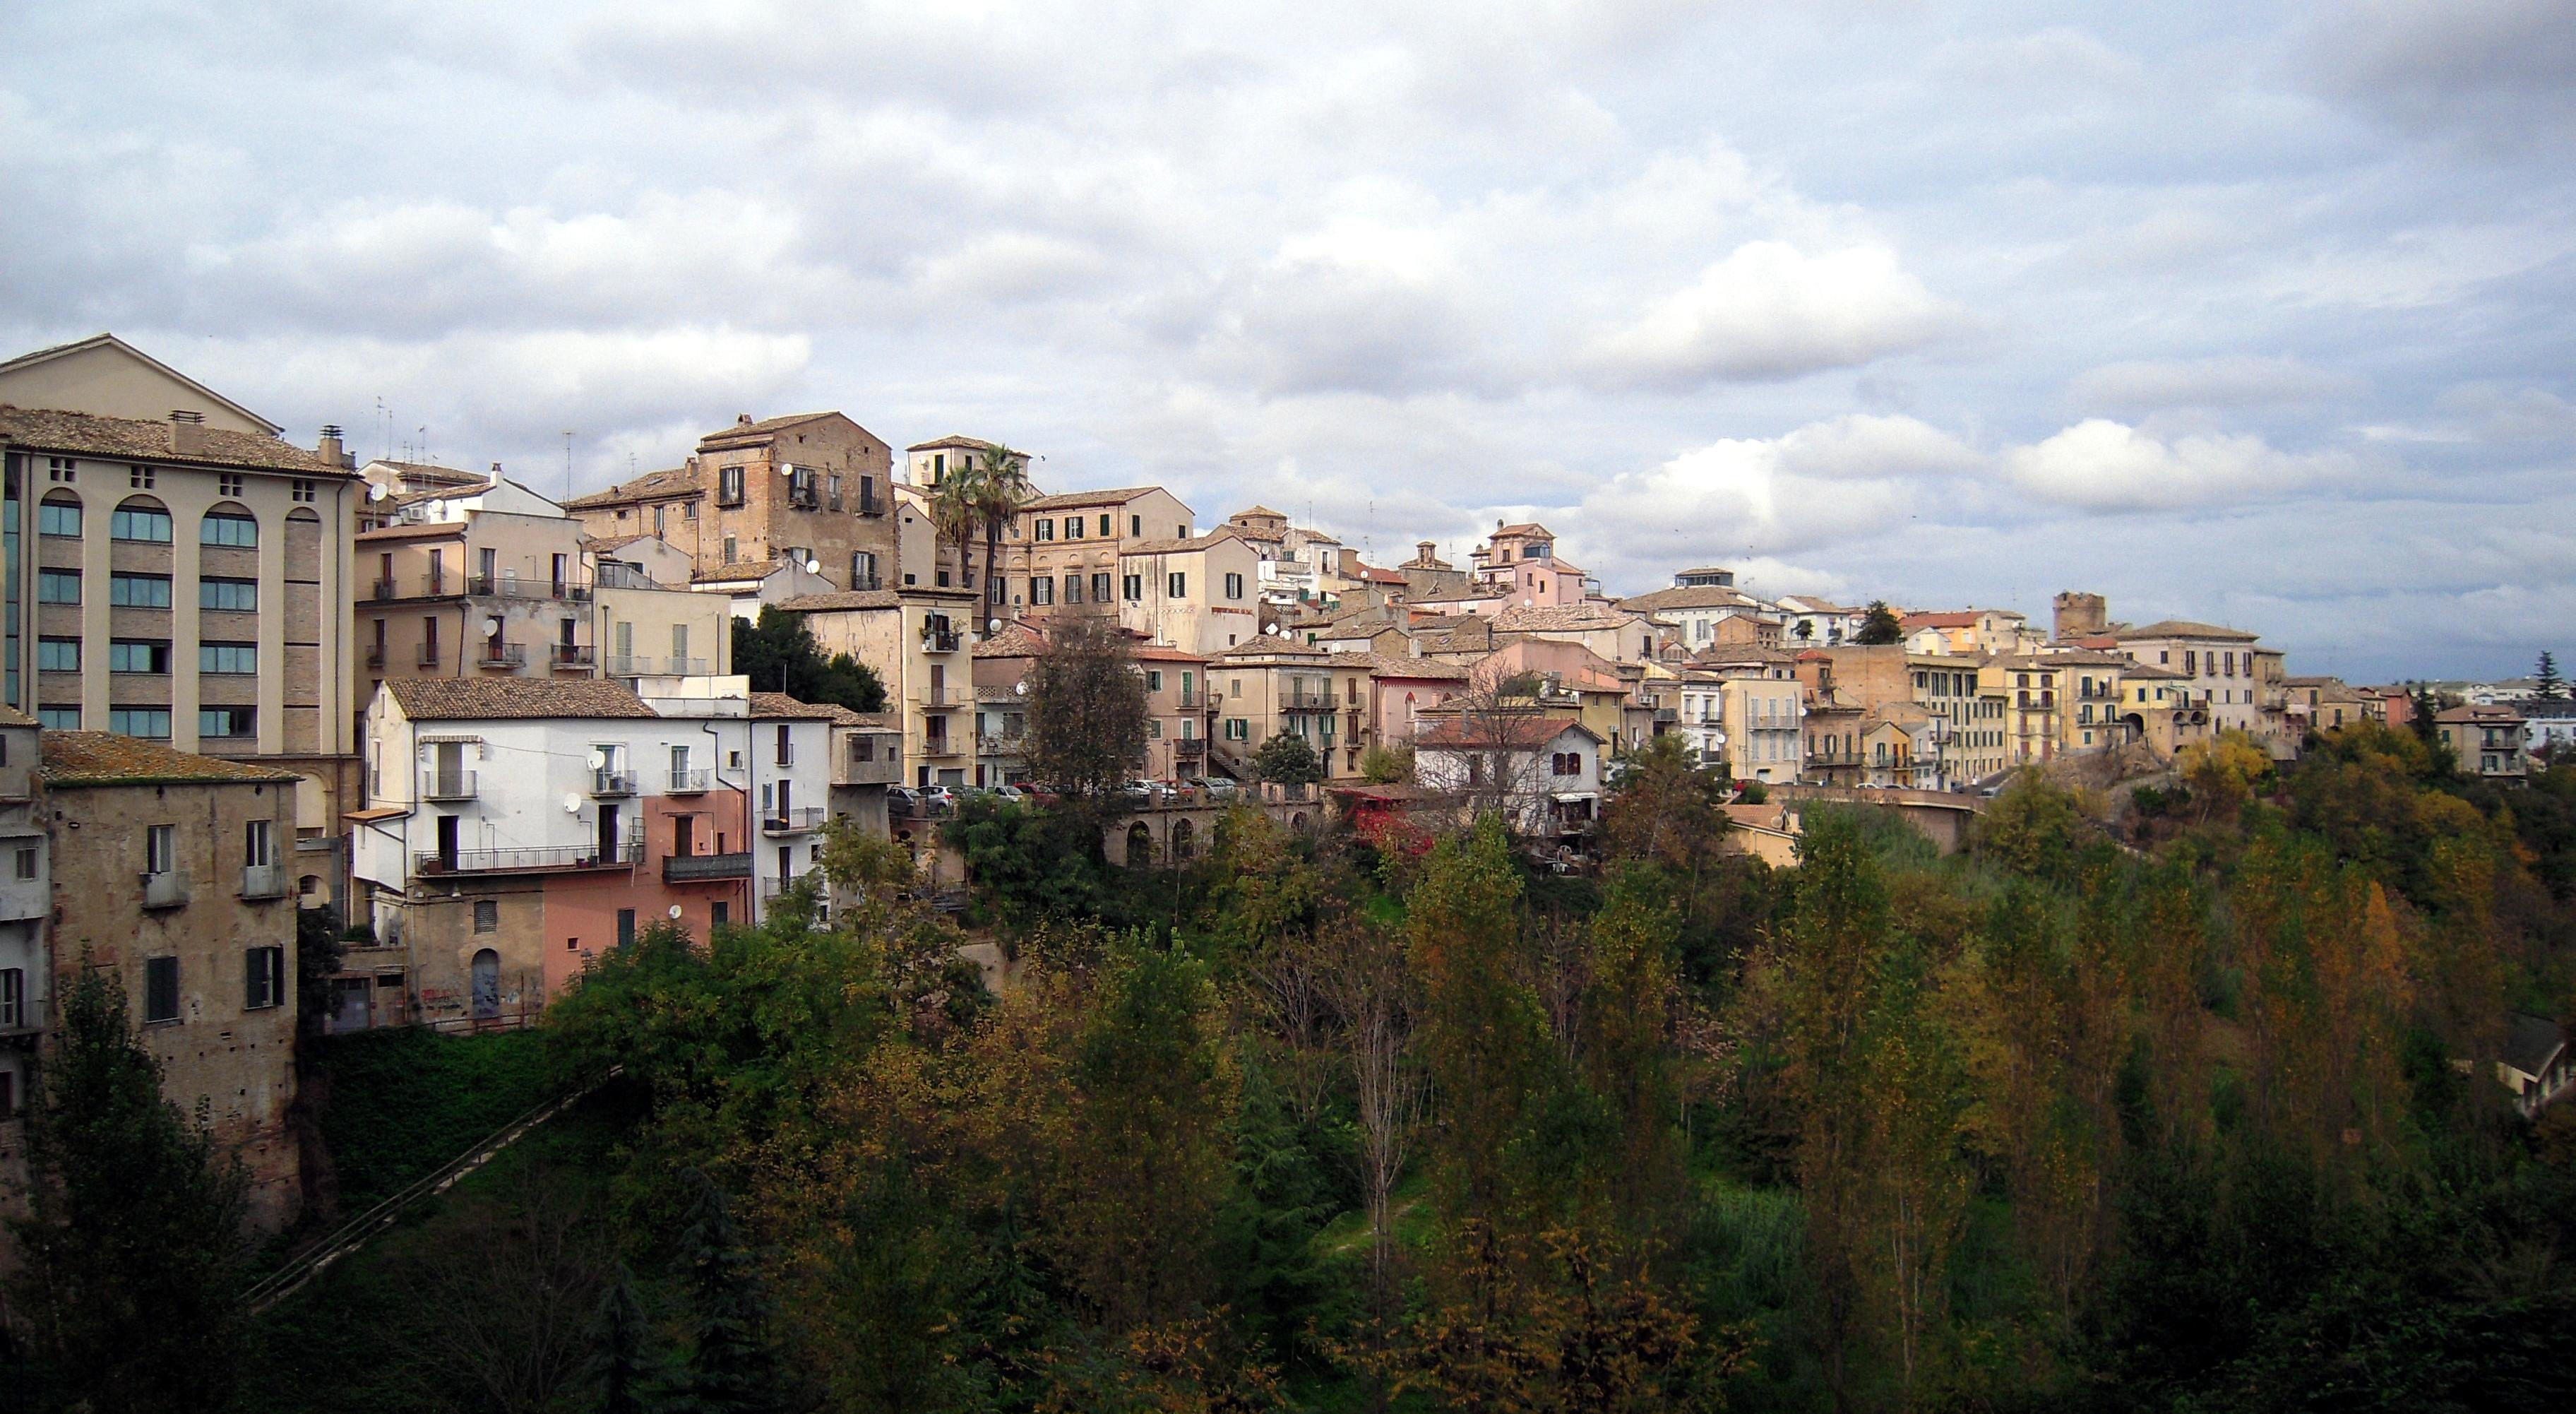 Das Abruzzen-Bergstädchen Lanciano